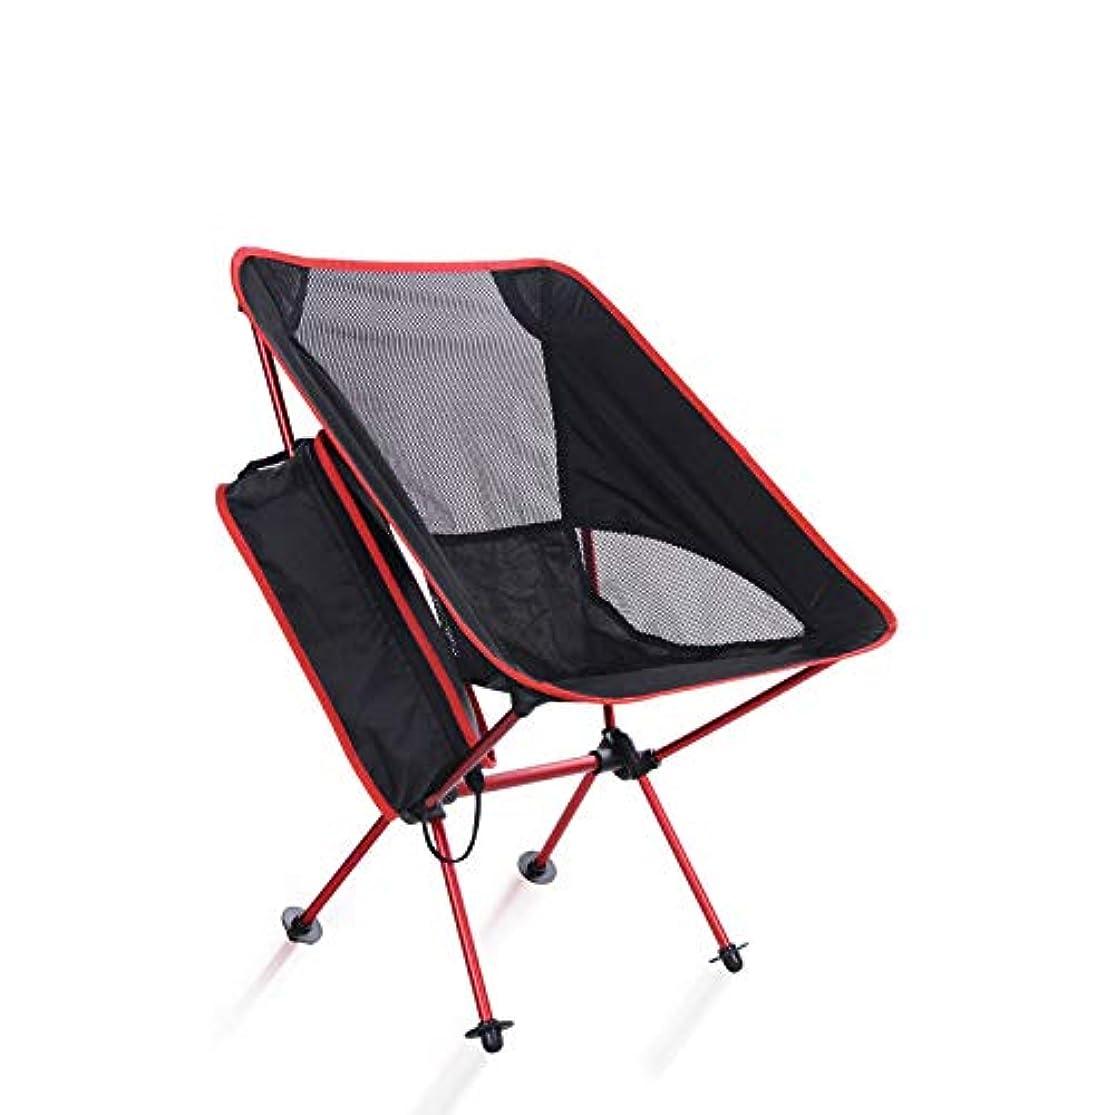 むしろスペードジェムバーベキューキャンプ釣りハイキングビーチ用屋外肥厚アルミ合金スーパーライト折りたたみ椅子 アウトドア キャンプ用